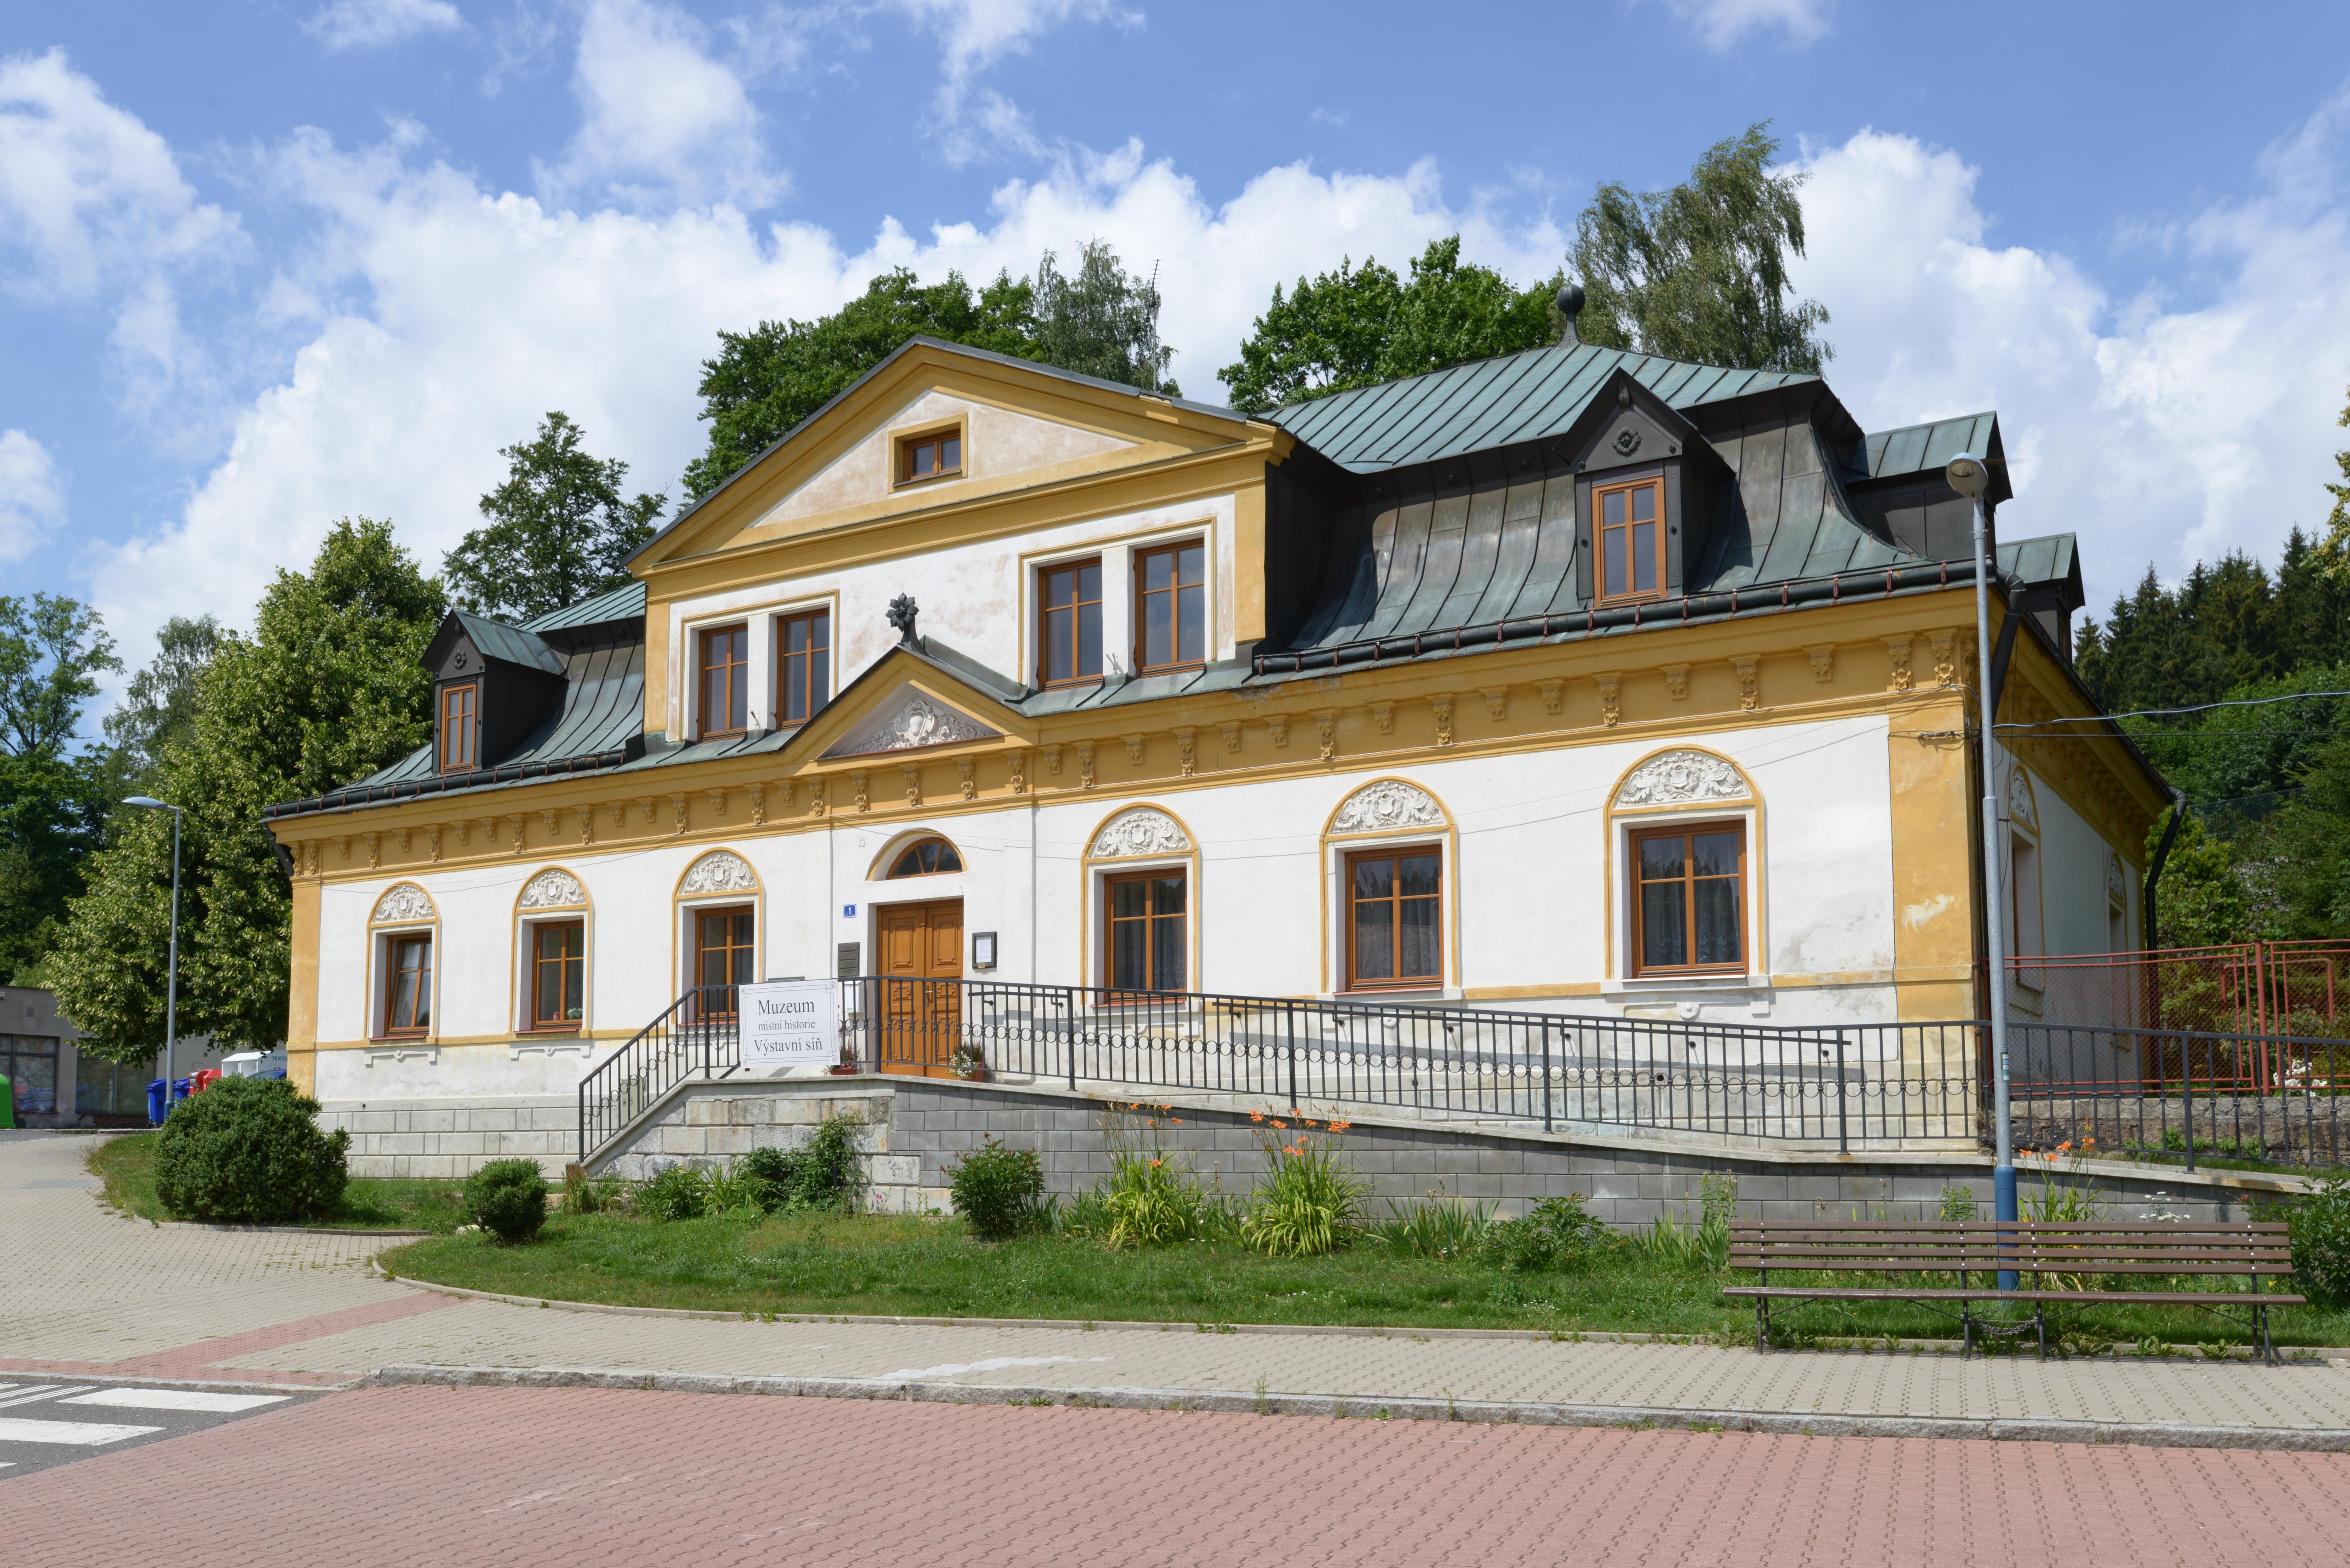 Muzeum místní historie Smržovky